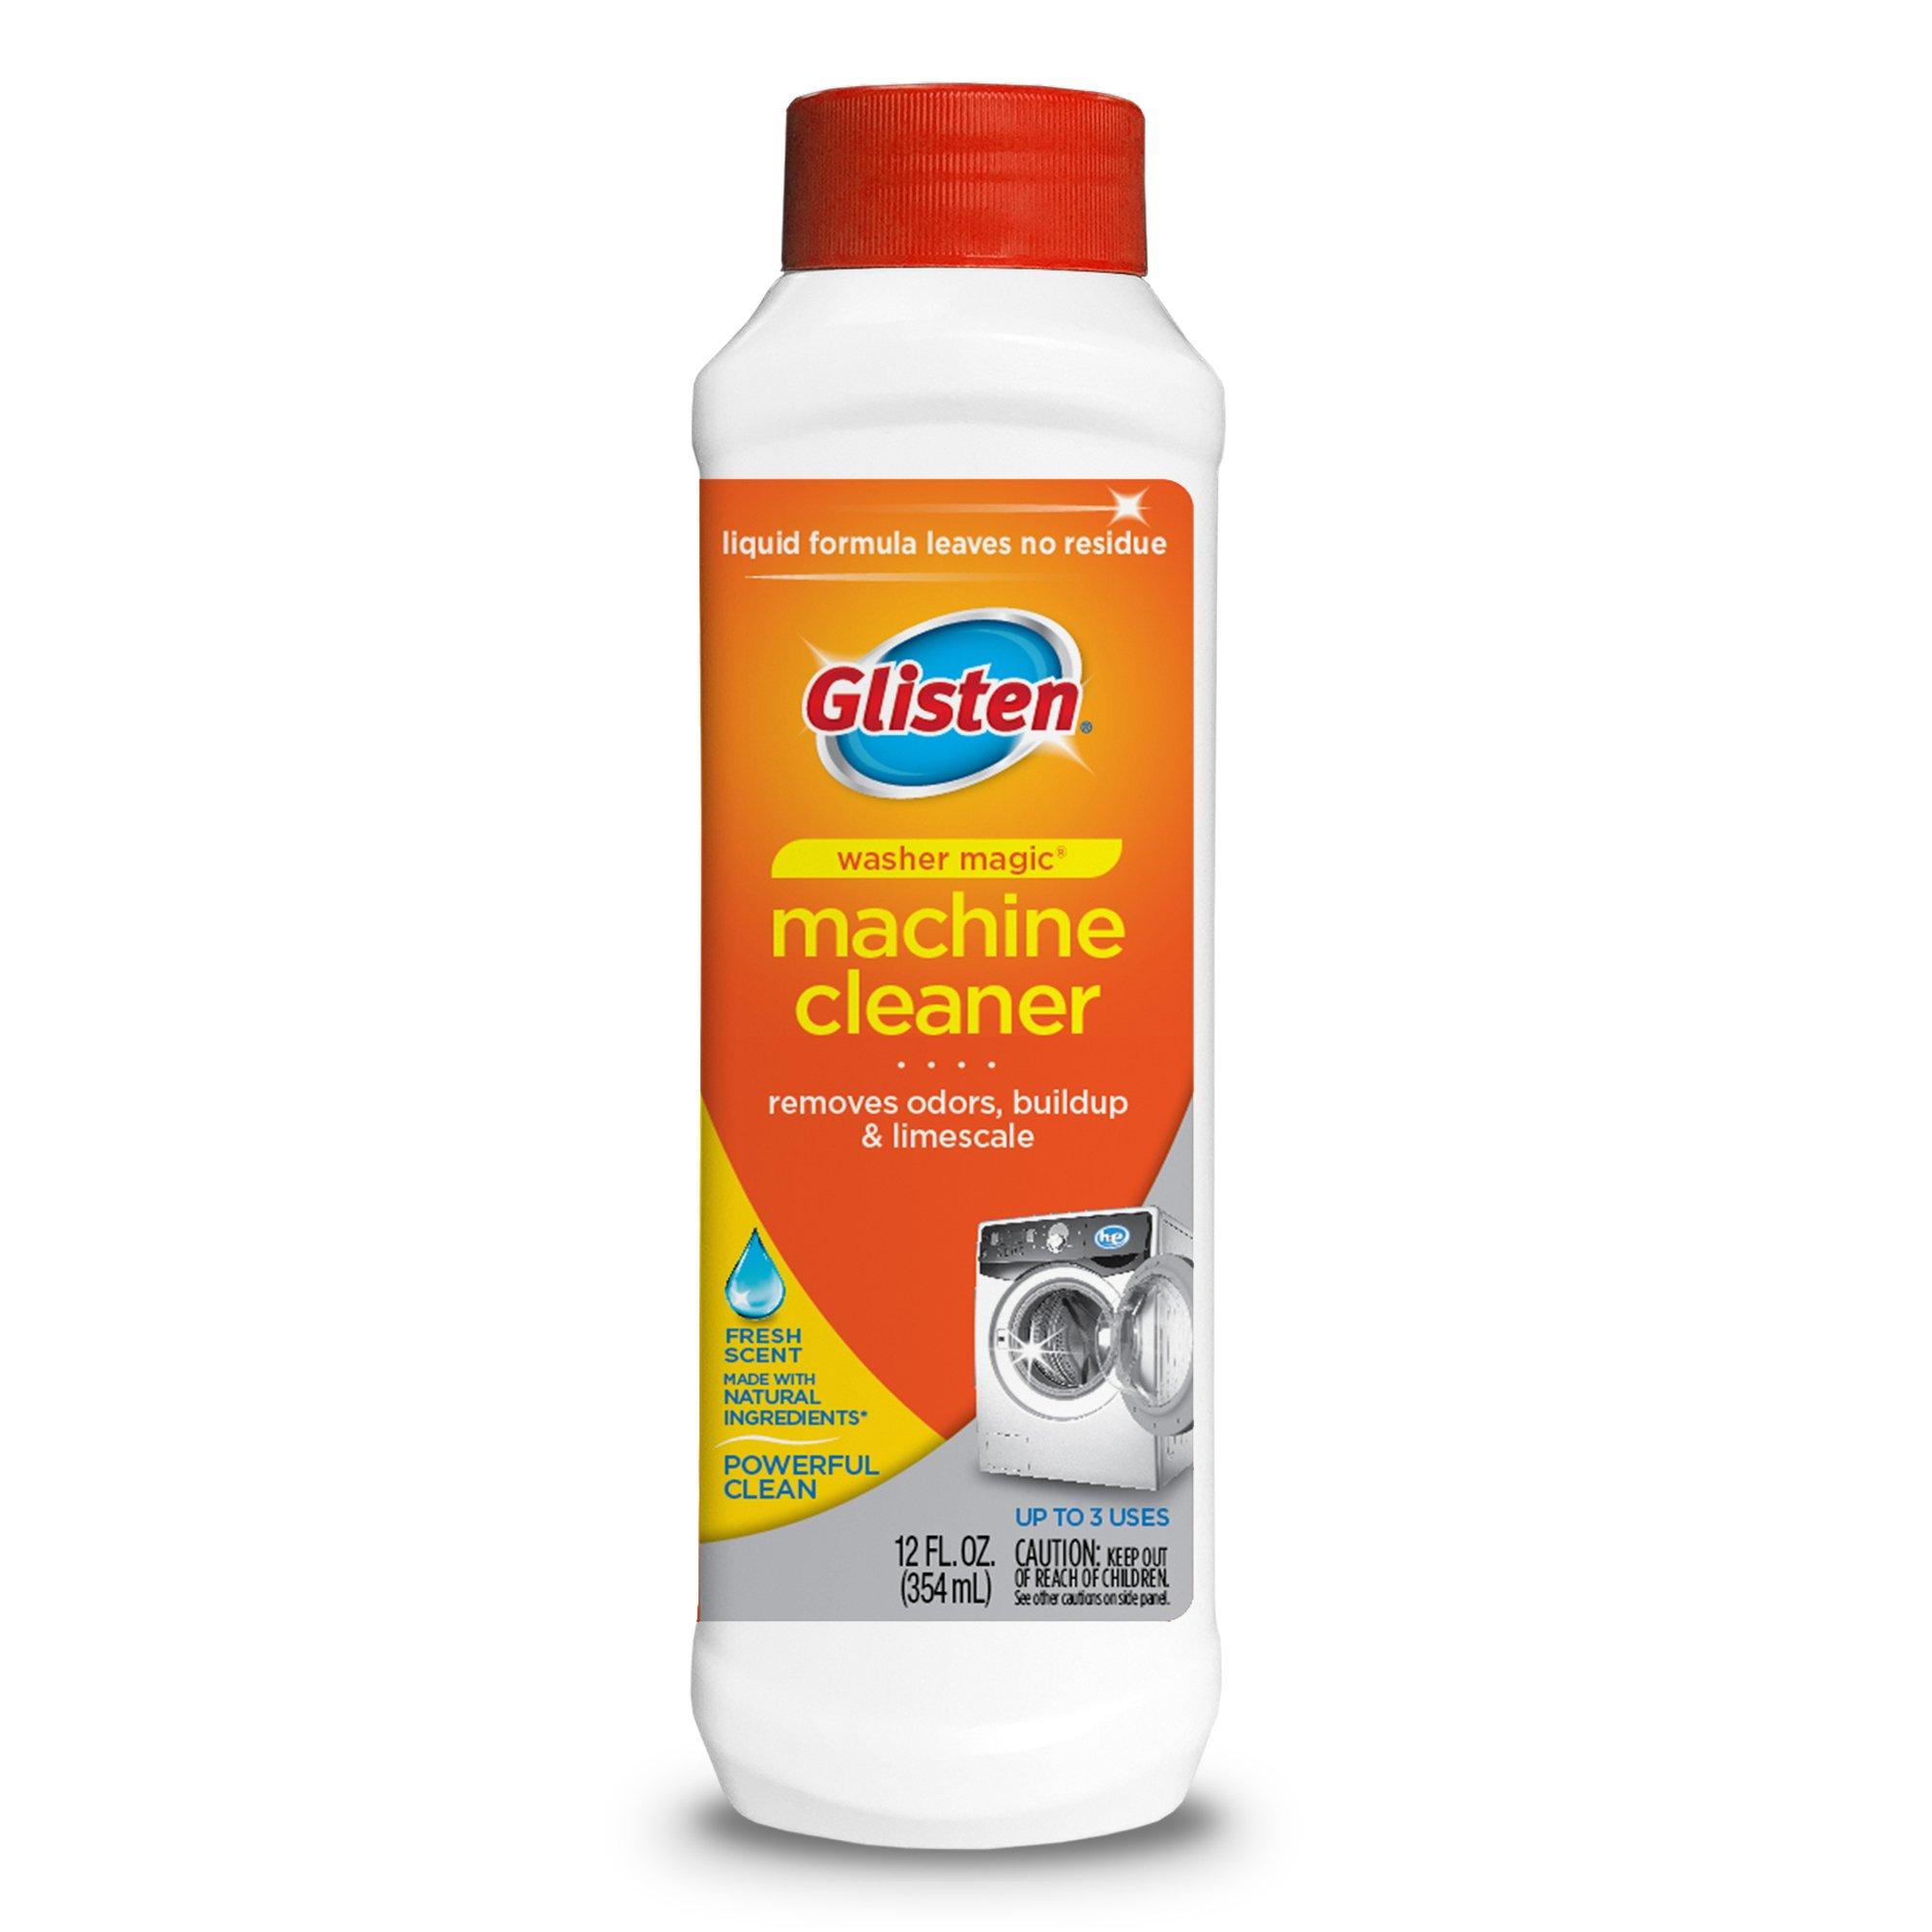 Glisten Washer Magic Washing Machine Cleaner & Deodorizer, 12 Fl. Oz. Bottle, 12 Pack by Glisten